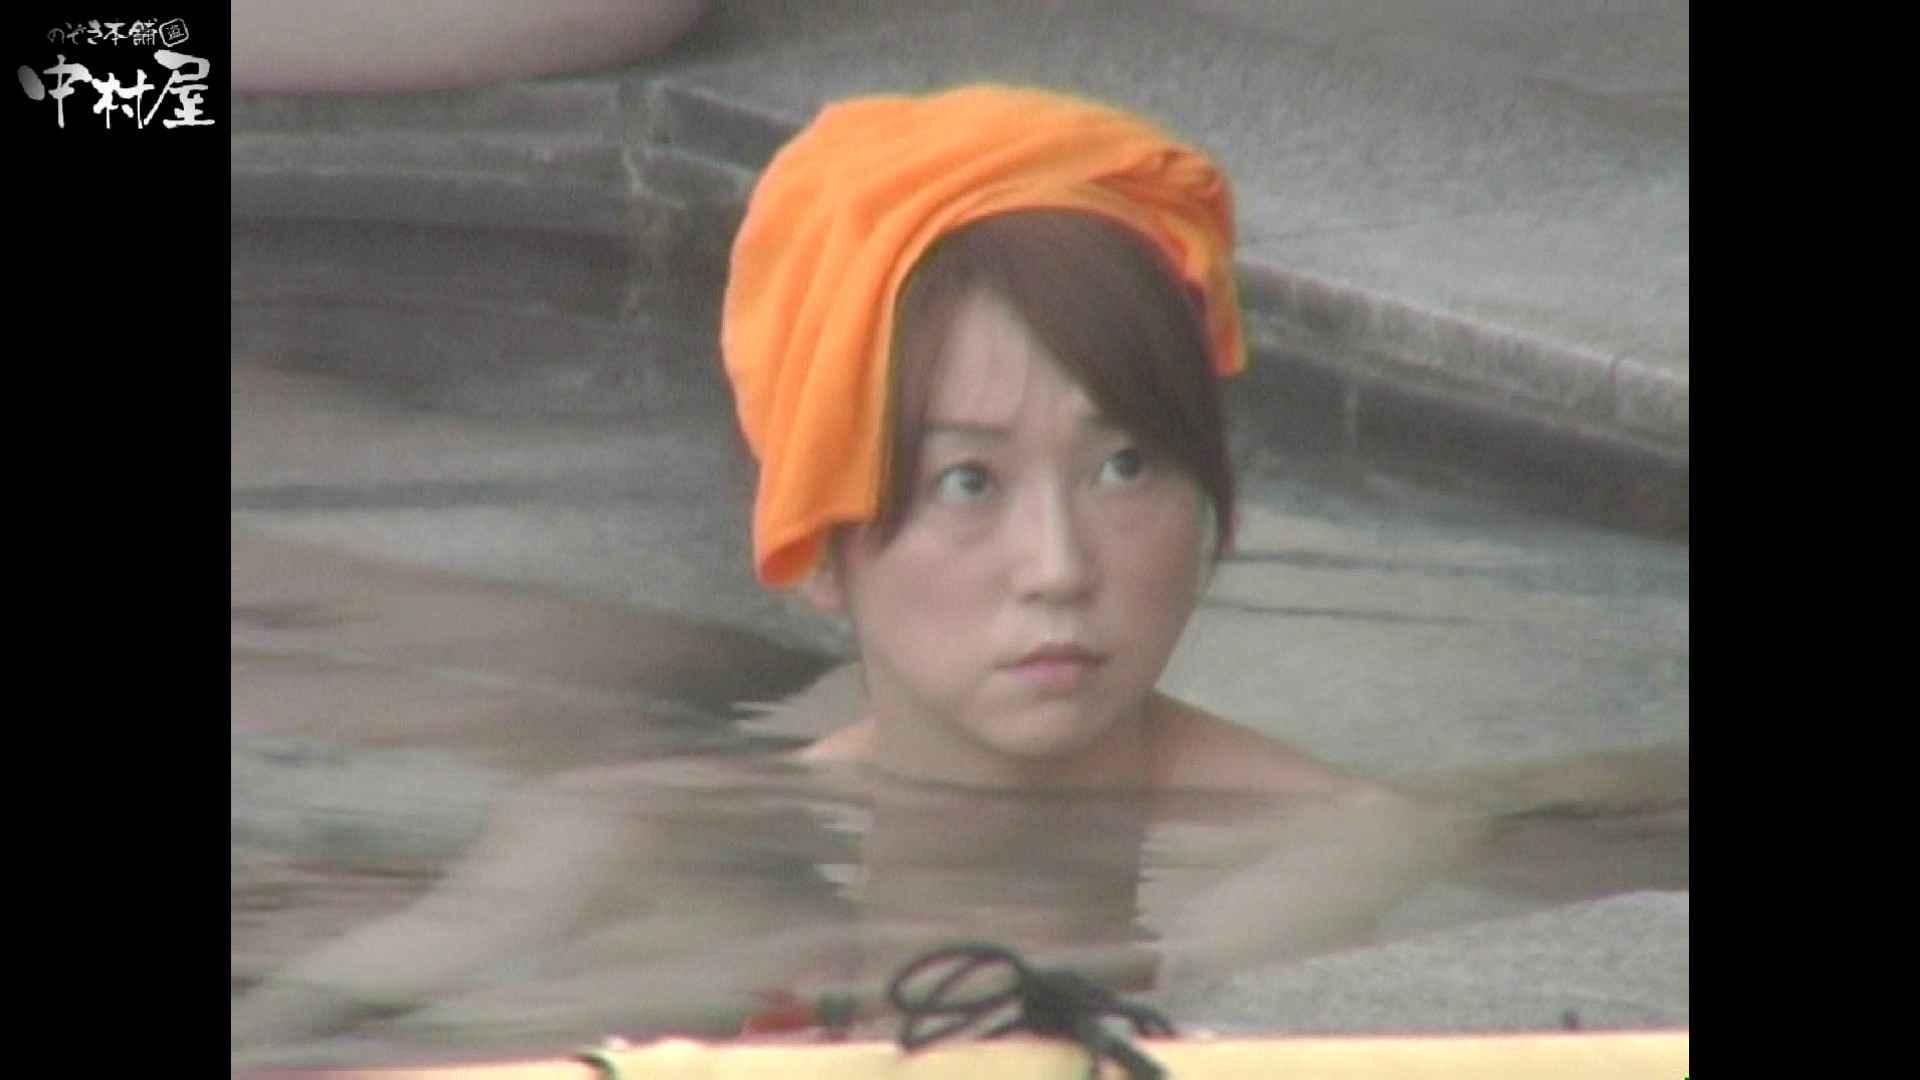 Aquaな露天風呂Vol.941 OLのエロ生活 アダルト動画キャプチャ 107連発 89